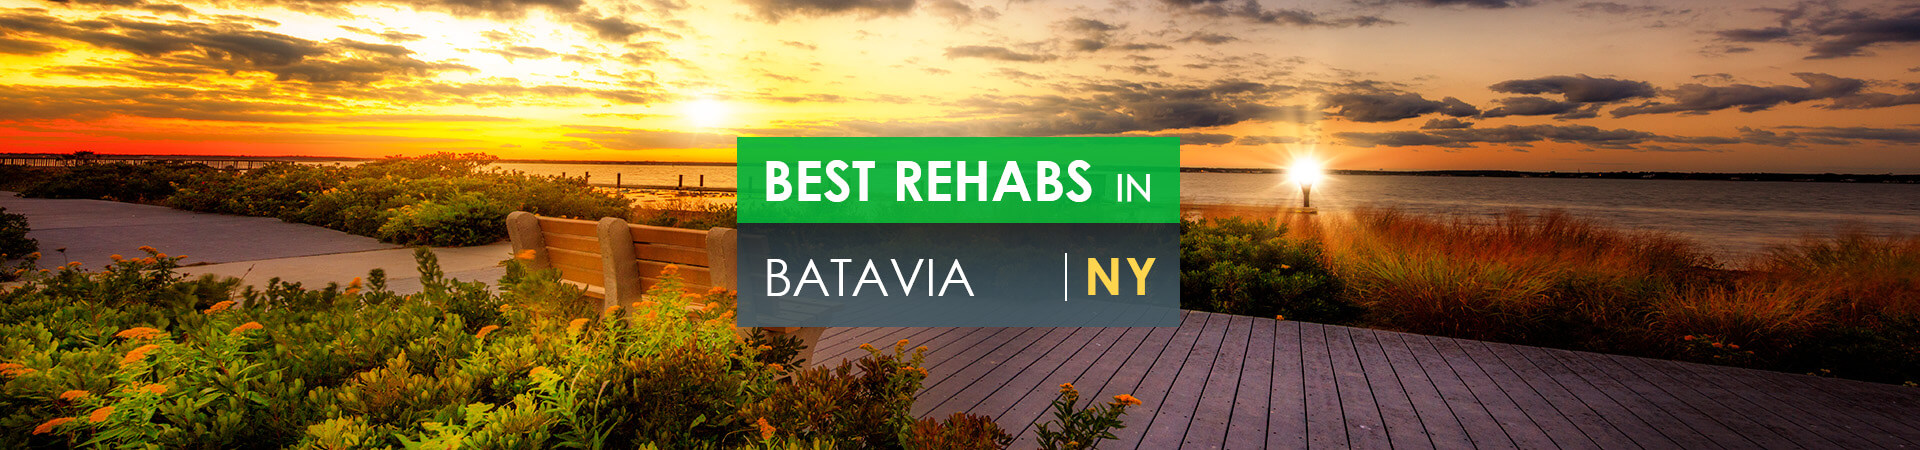 Best rehabs in Batavia, NY